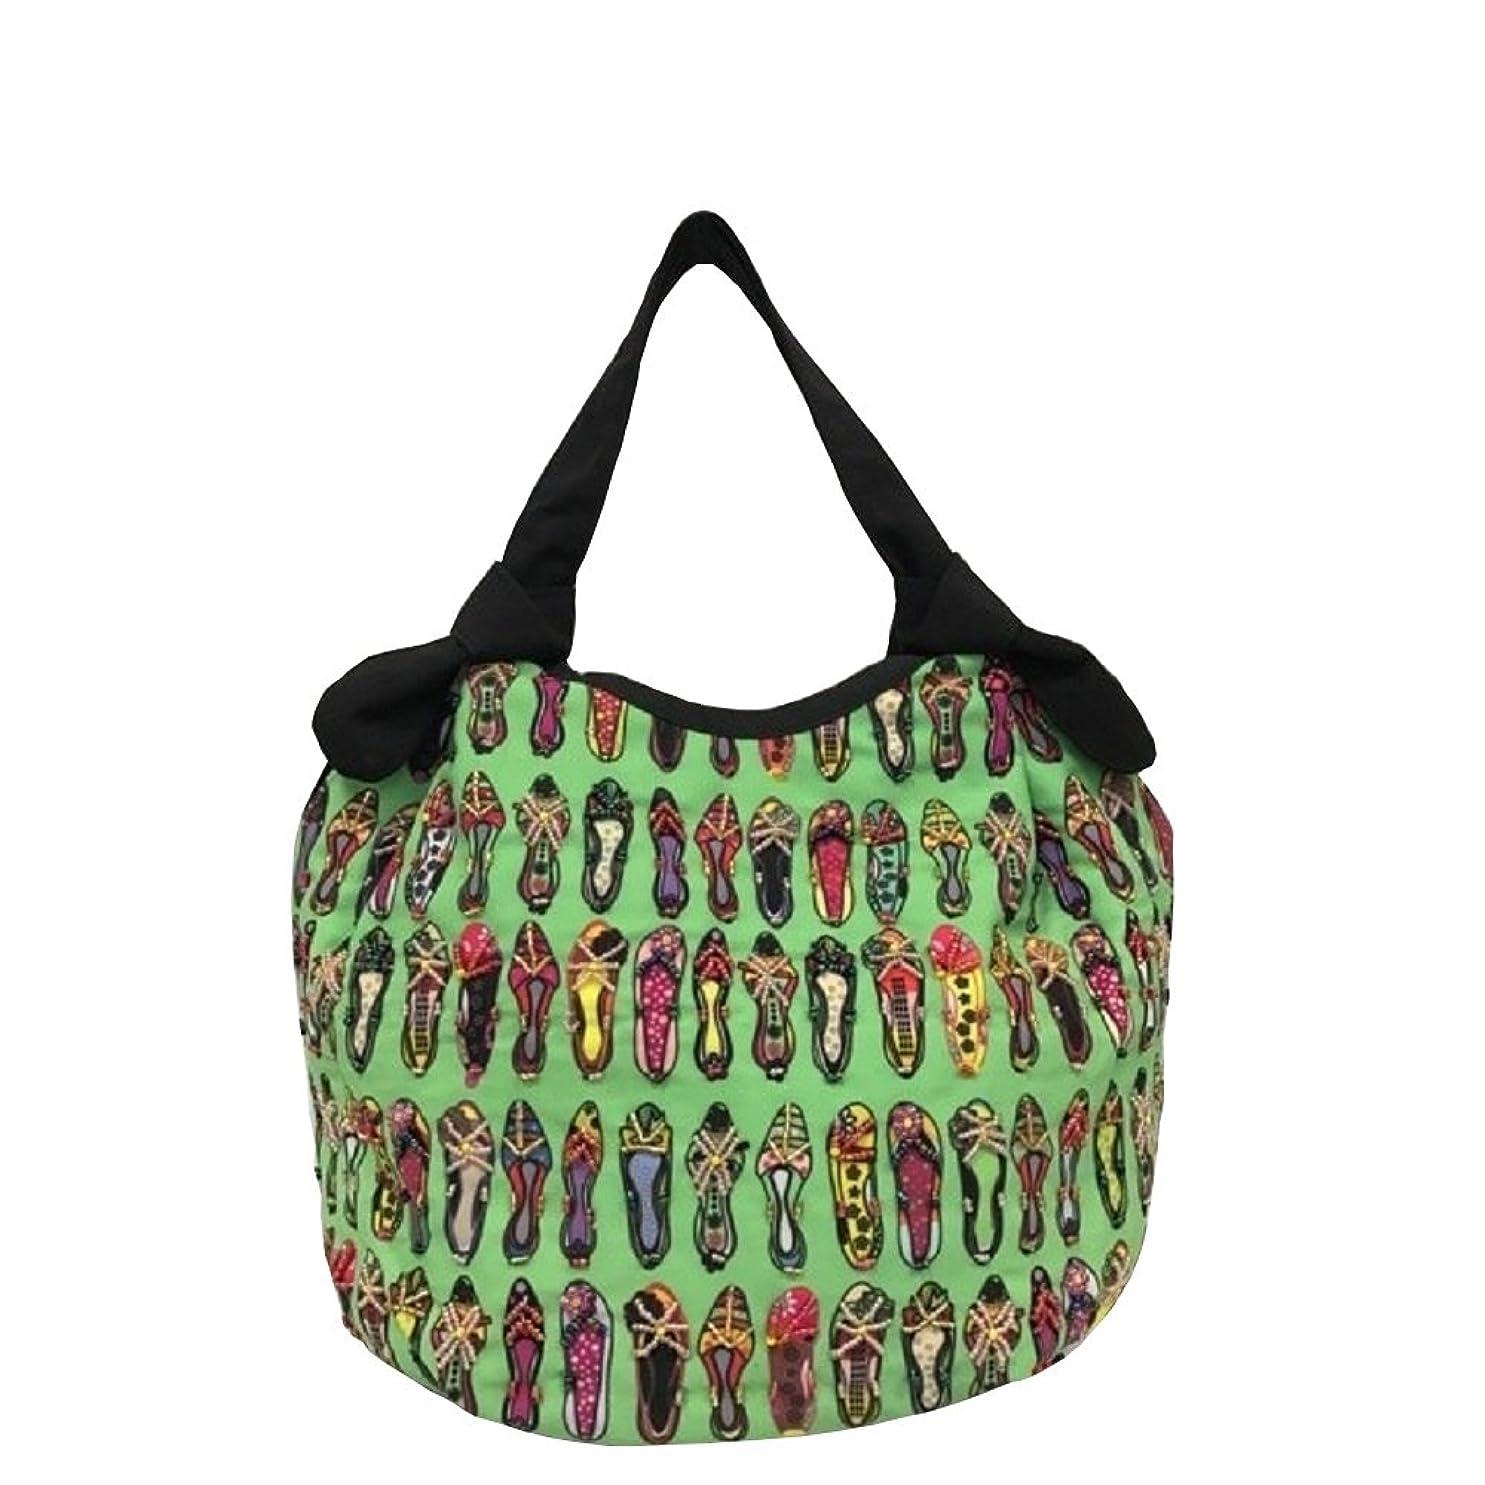 不機嫌そうな横部族ベトナムバッグ ビーズ スパンコール ハンドバッグ 手提げ 鞄 ベトナム雑貨